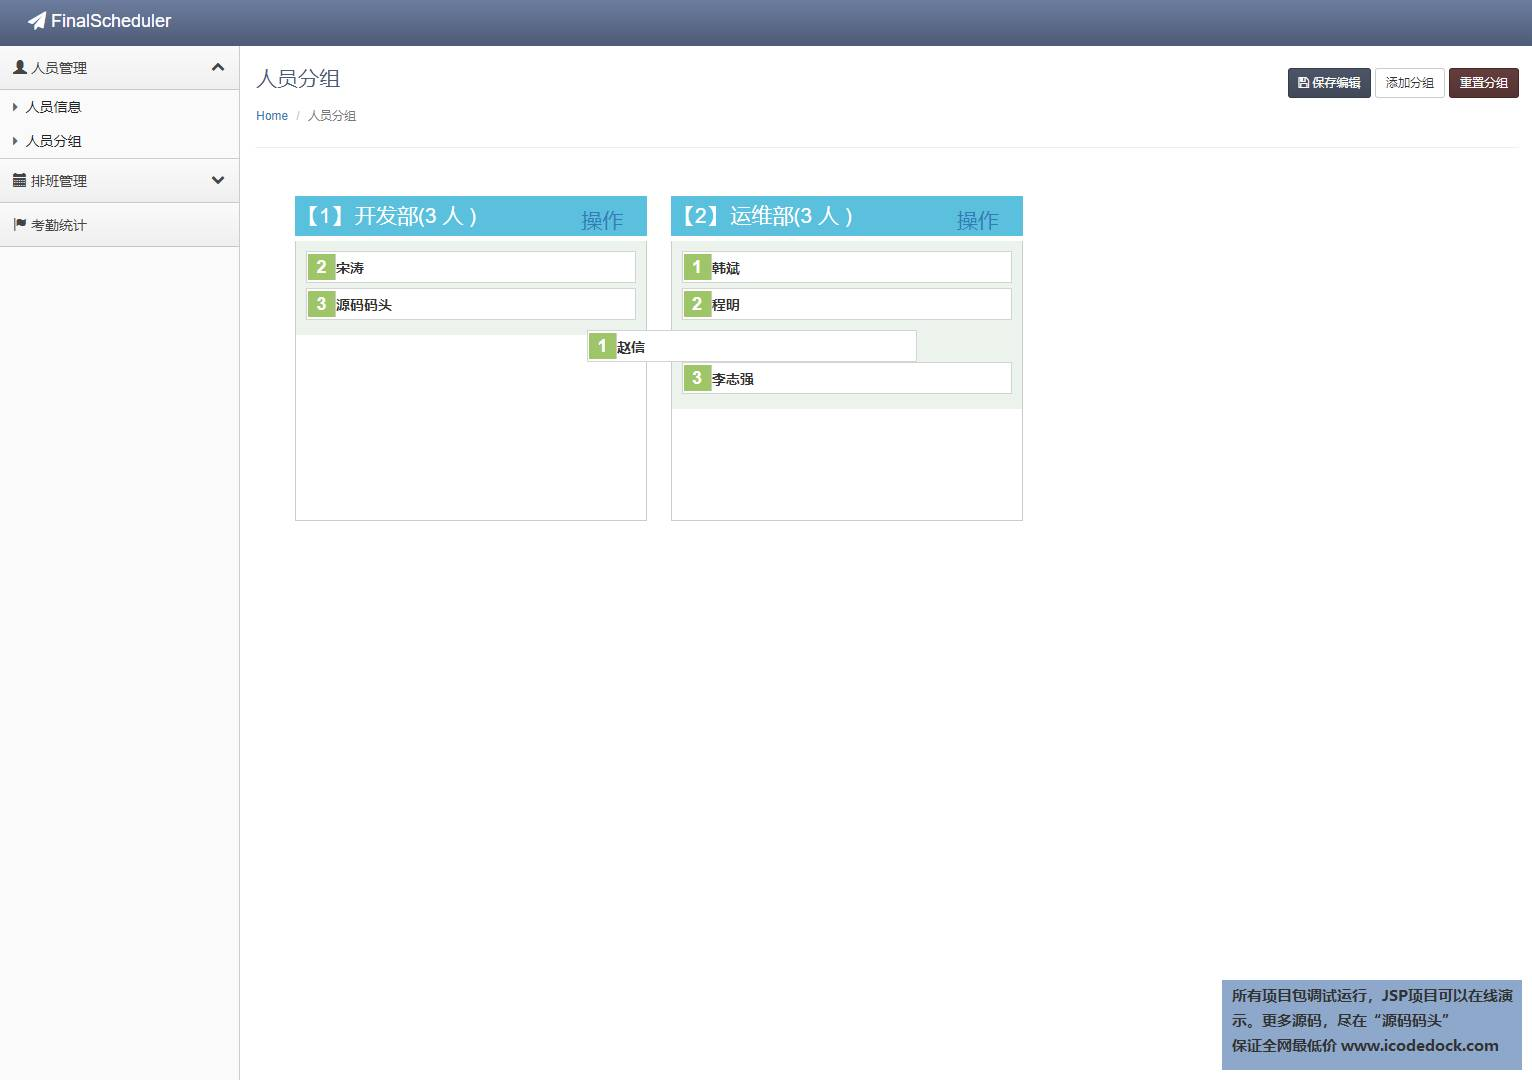 源码码头-Spring自动排班管理系统-管理员角色-拖拽编辑分组人员